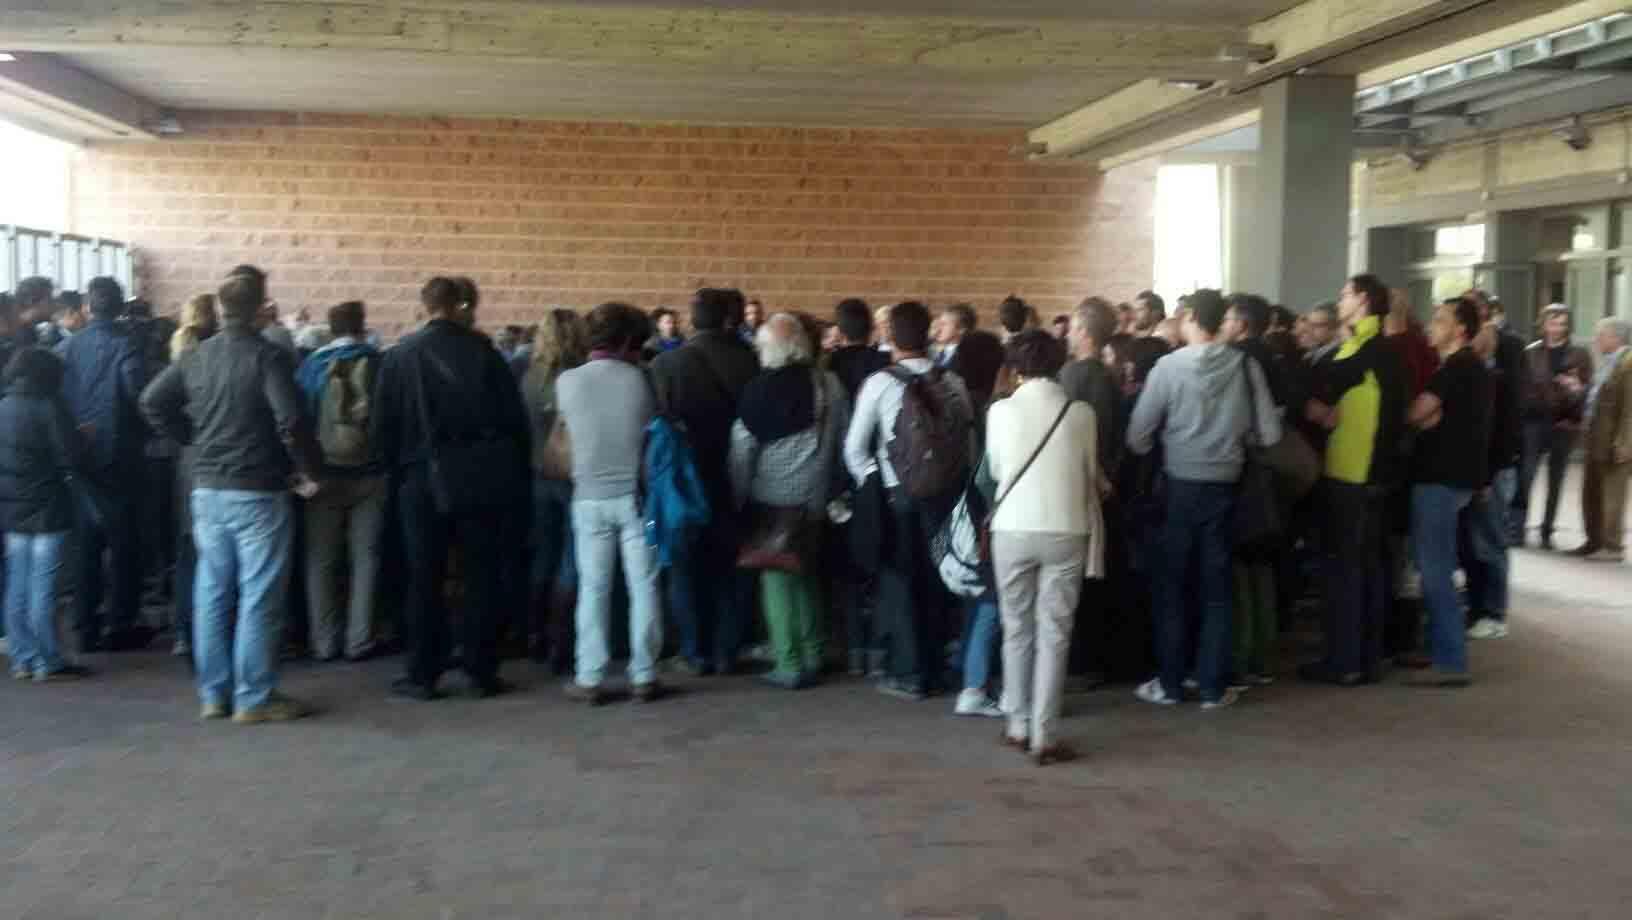 Rimini 105 Stadium, l'incontro degli attivisti 2